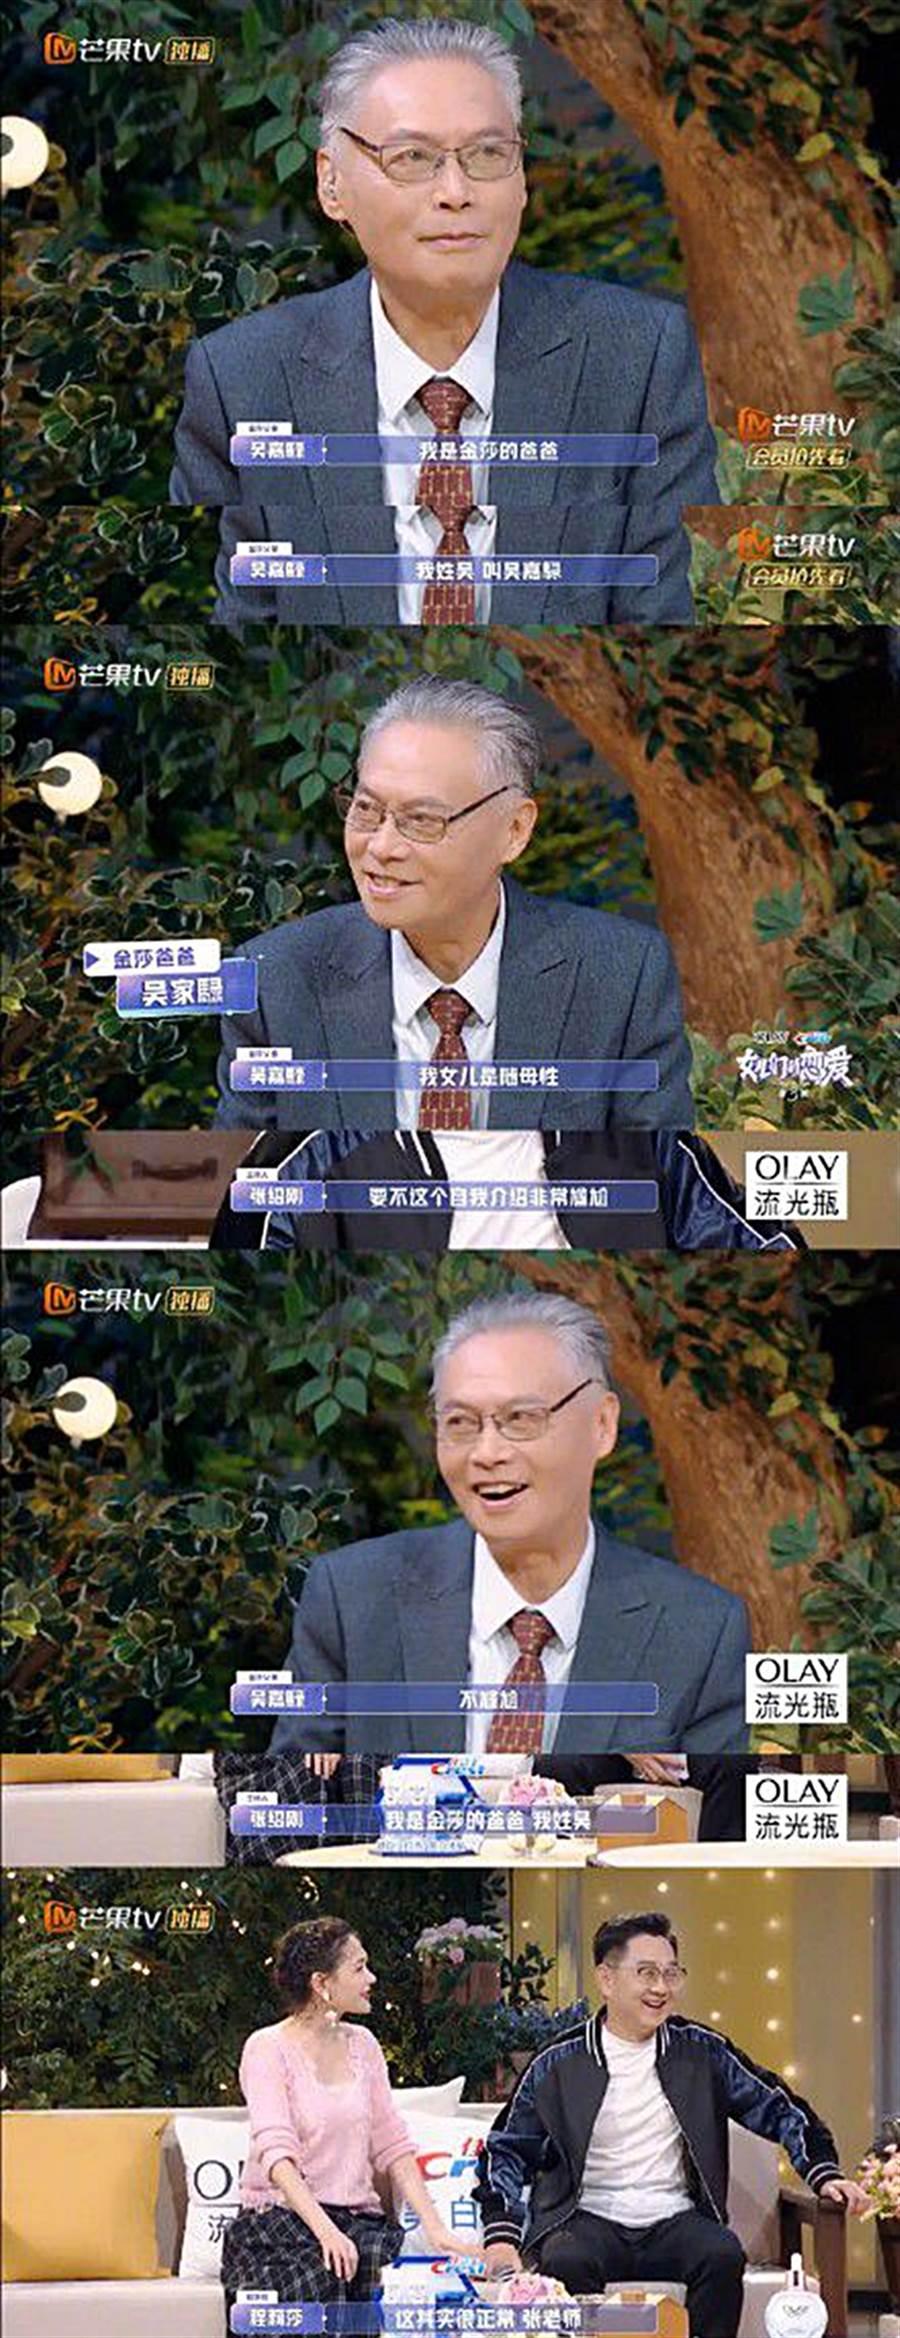 张绍刚开玩笑挨轰。(图/翻摄自新浪微博)